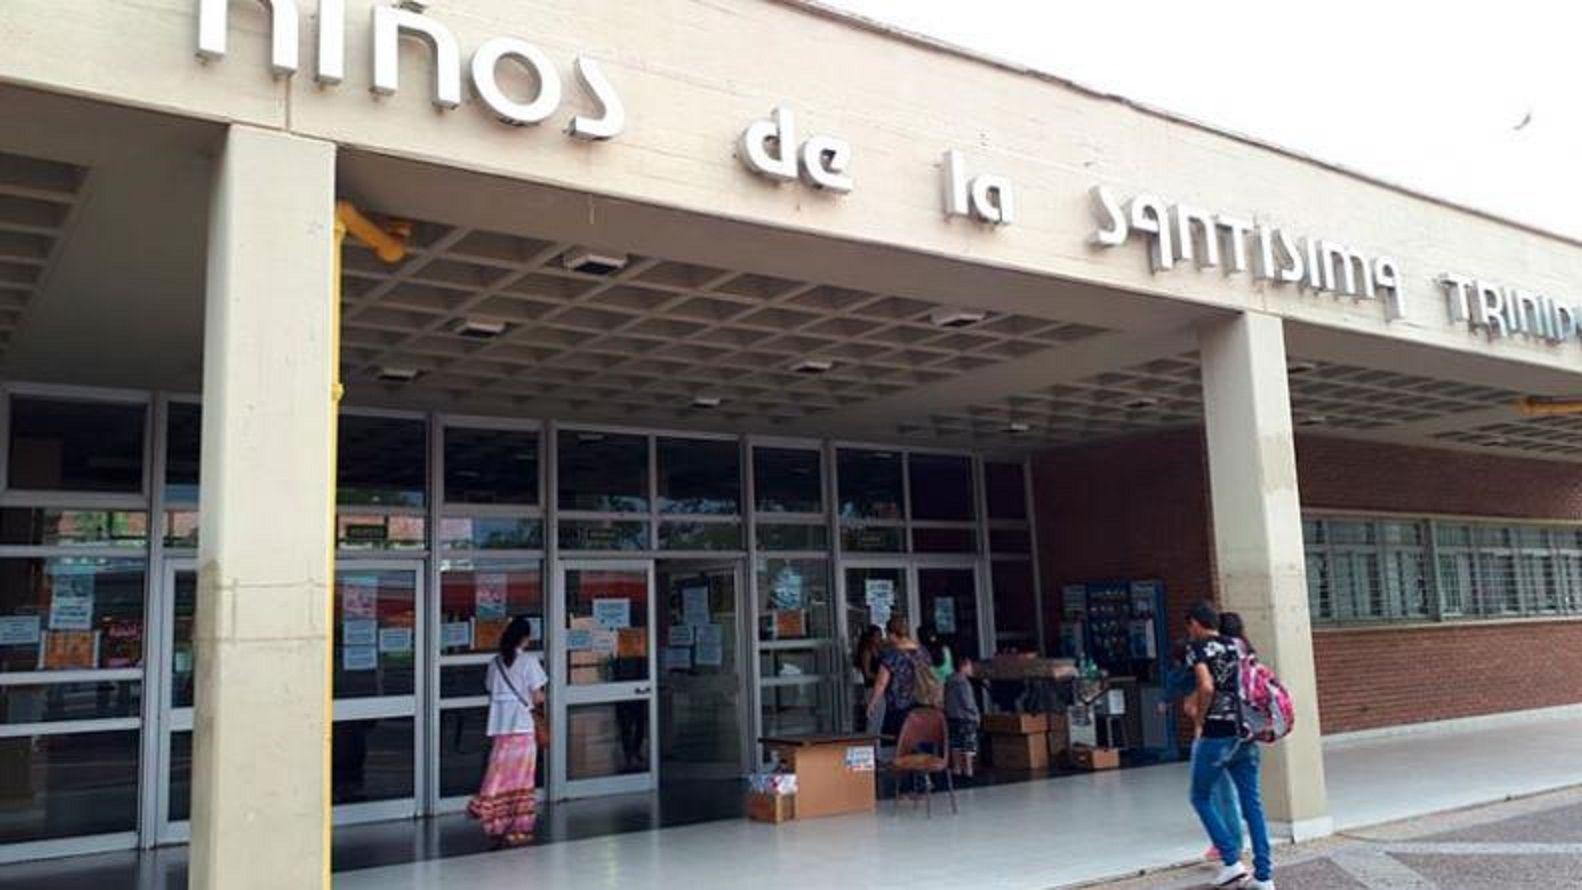 Murió la beba de 6 meses golpeada en Córdoba: imputaron a los padres por homicidio